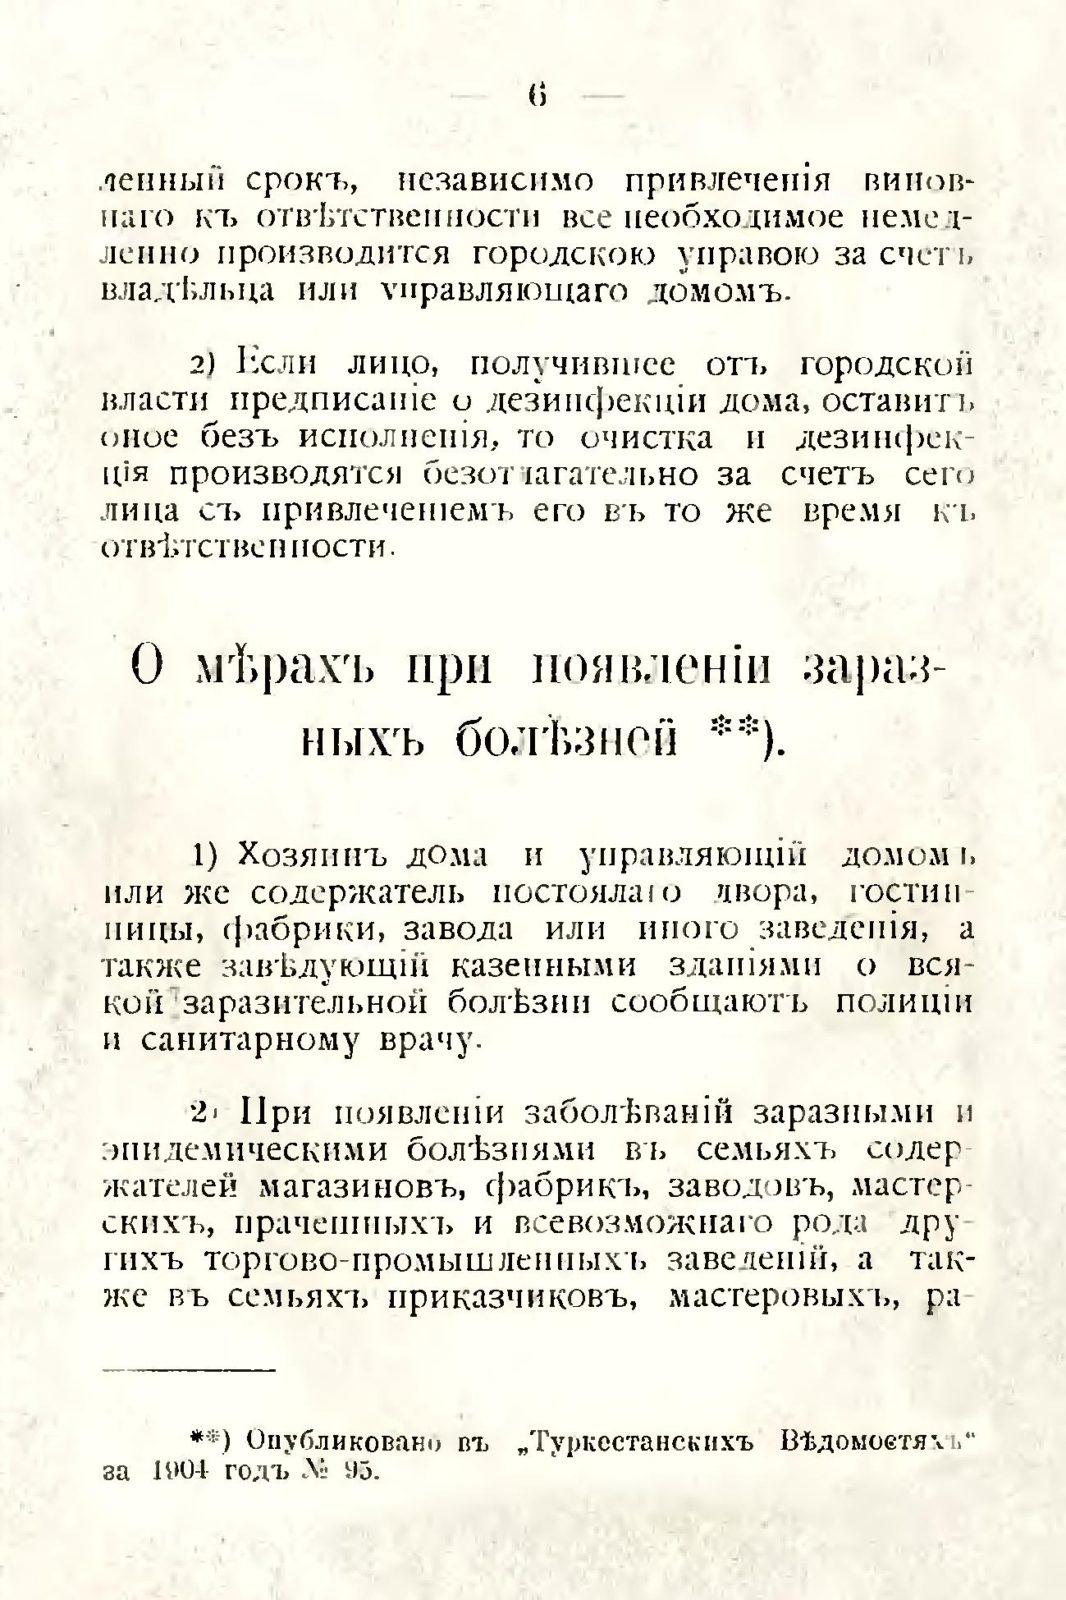 sbornik_obyazatelnyh_postanovlenii_tashkentskoi_gorodskoi_du_10